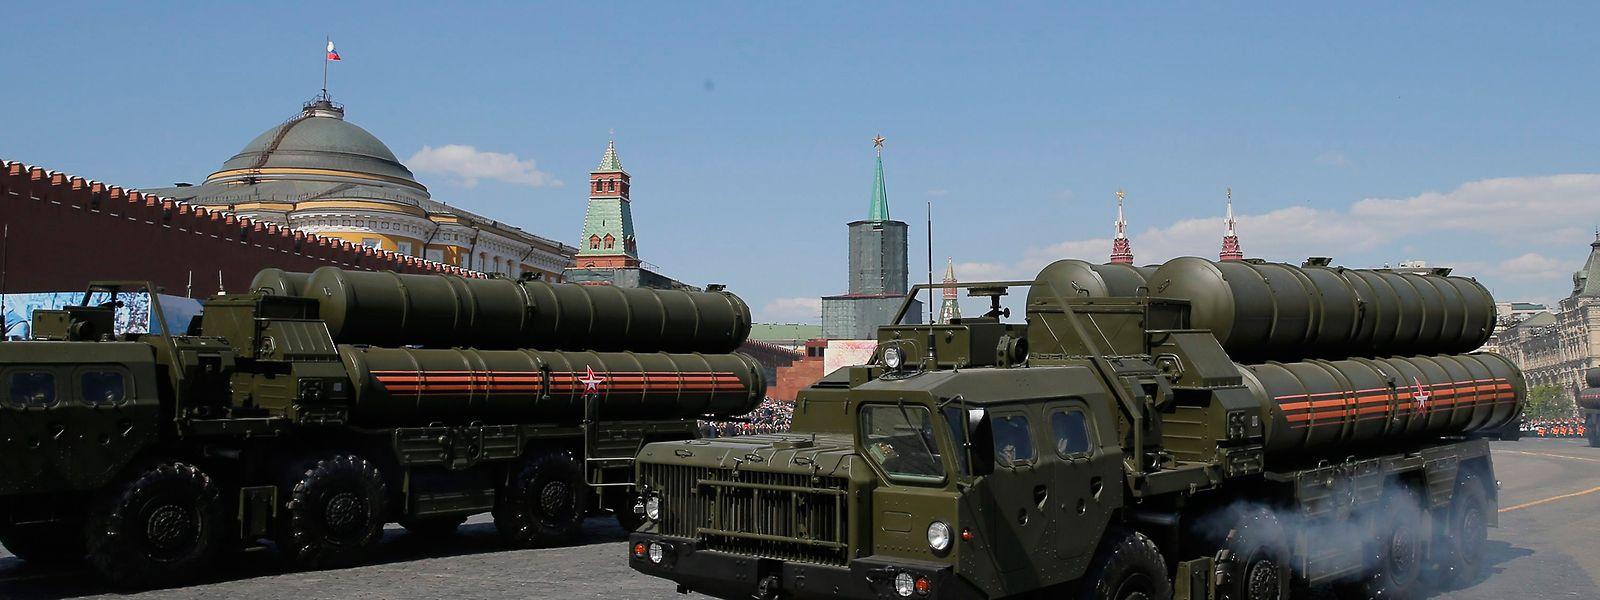 Das Flugabwehrsystem S-400 während einer Militärparade auf dem Roten Platz.